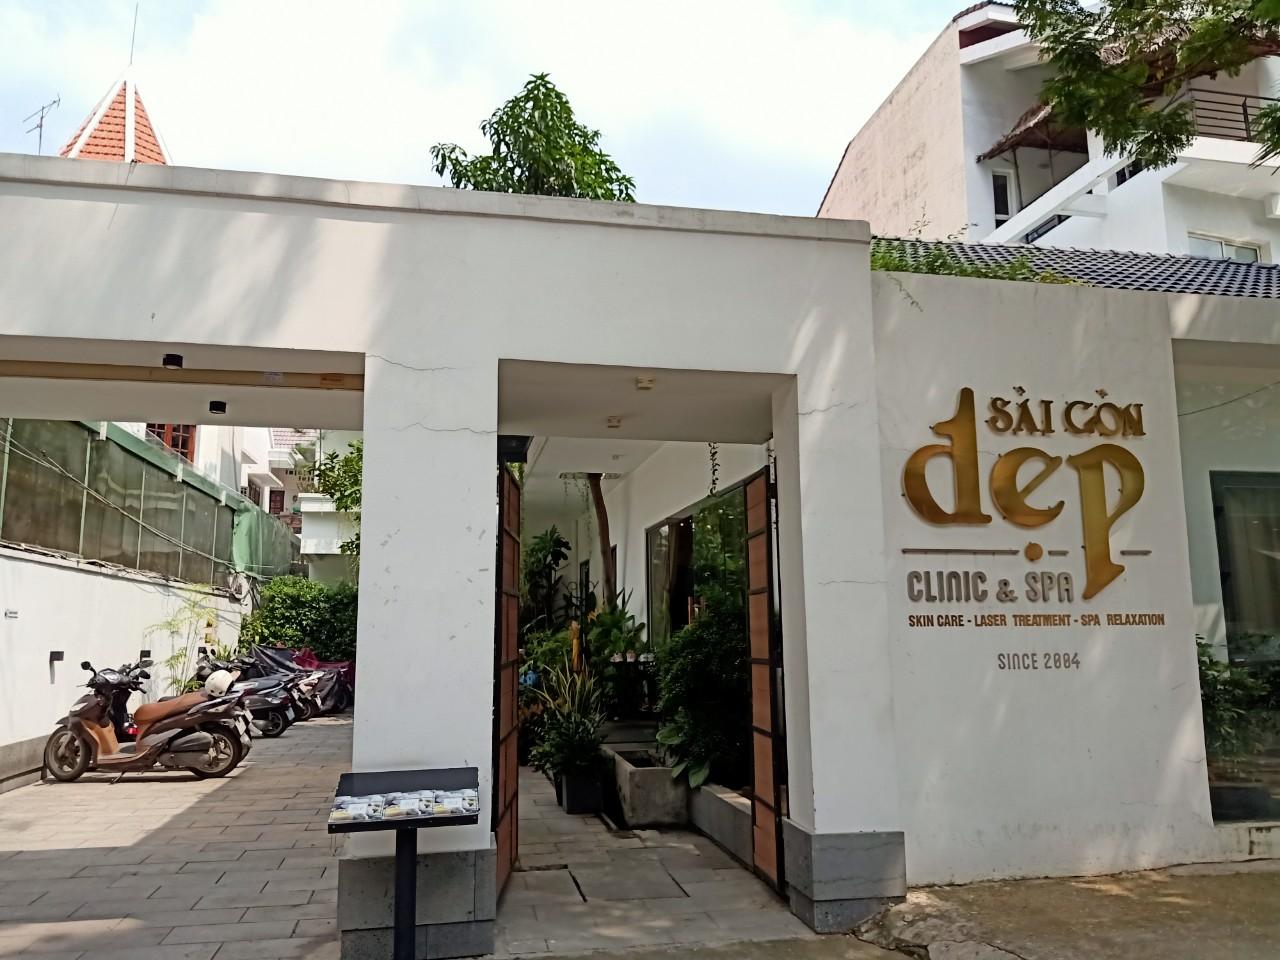 Khách hàng ZinSpa – Sài Gòn Đẹp Clinic & Spa